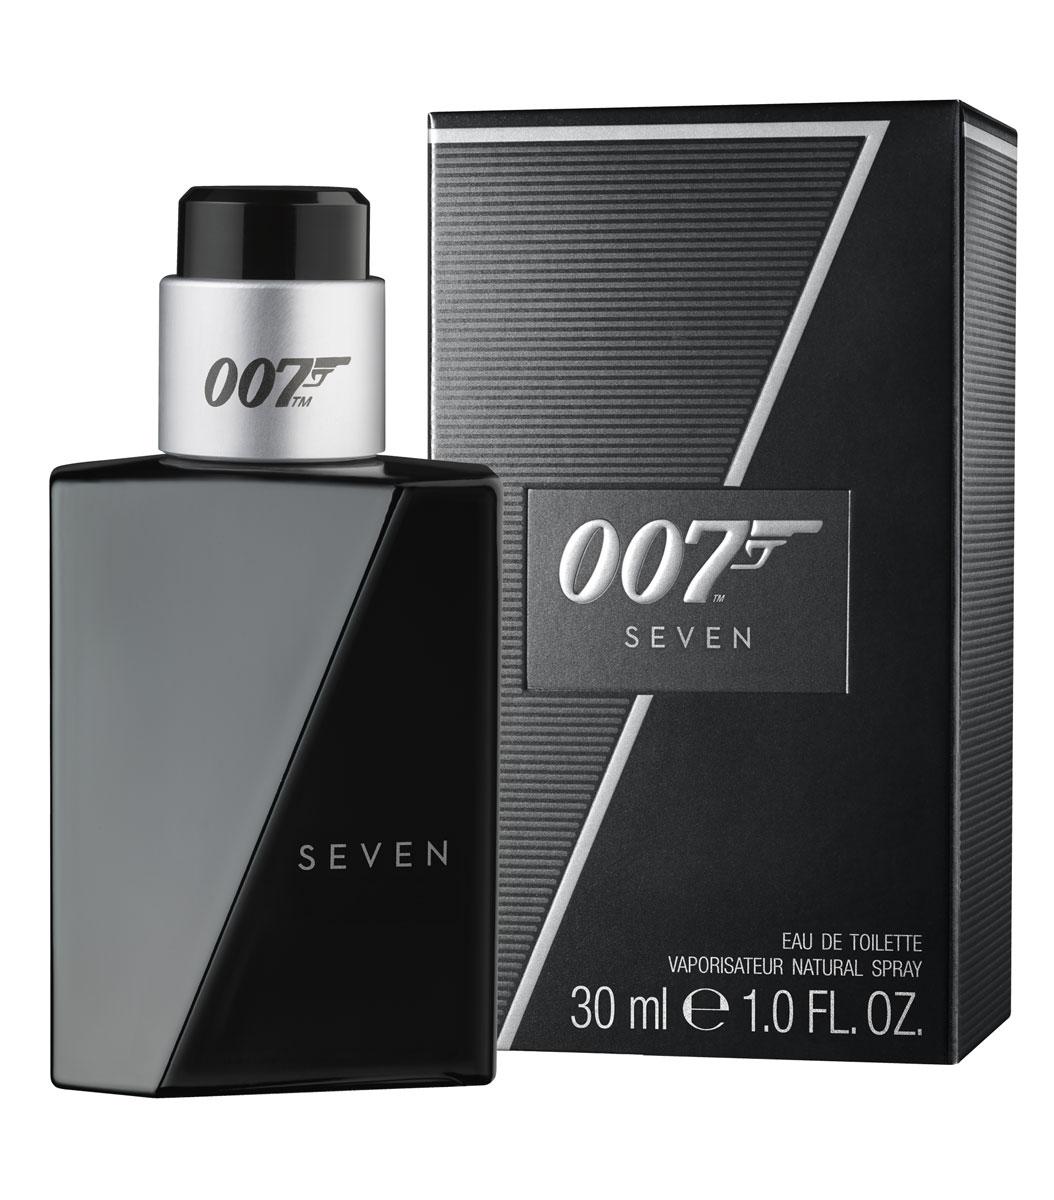 James Bond Seven Туалетная вода мужская 30 мл1301210Мужественность и сила агента 007, вызывающие восхищение у поклонников, послужили вдохновением для создания премиального аромата SEVEN. Бережно подобранные ноты композиции дополнены простой и элегантной формой флакона. Верхние ноты открываются сладким мандарином, дополненным энергичным бергамотом и свежим яблоком. Сердце наполнено пробуждающими и волнующими специями: корицей, шафраном и белым перцем. Гладкий янтарь, ваниль и мускус в сочетании с карамелью формируют базу аромата, а ноты кожи, красного дерева, кедра и сандала завершают композицию.Верхняя нота: Мандарин, Бергамот, Яблоко.Средняя нота: корица, шафран, белый перец.Шлейф: янтарь, ваниль и мускус.Новая грань тайны от агента 007. Мускус и красное дерево.Дневной и вечерний аромат.